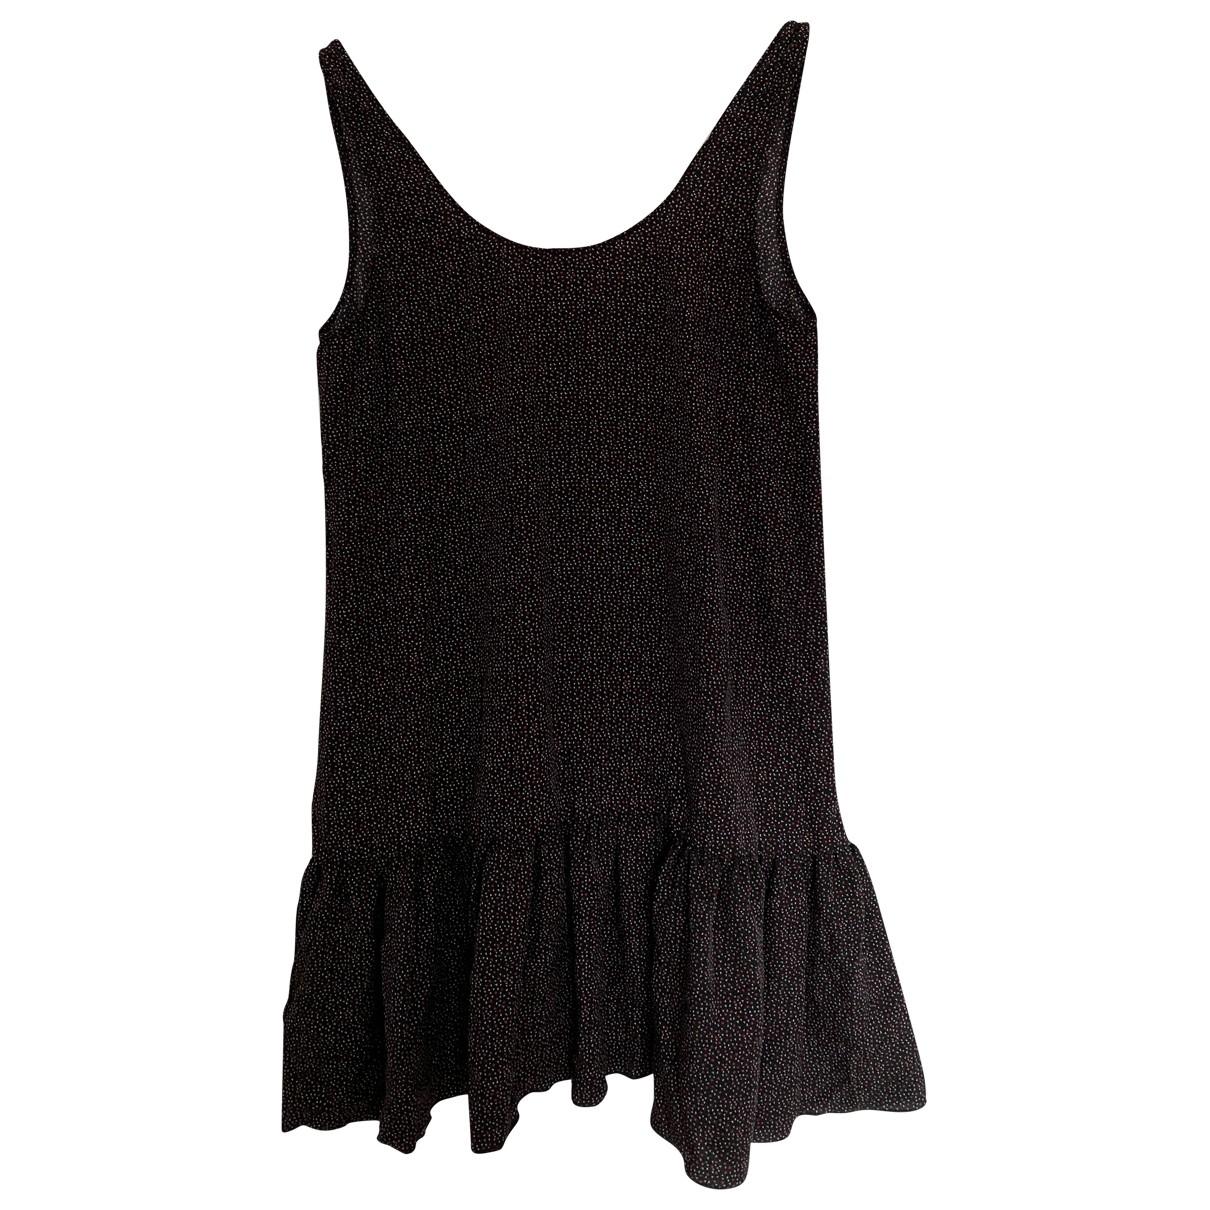 Mango \N Kleid in  Bunt Polyester